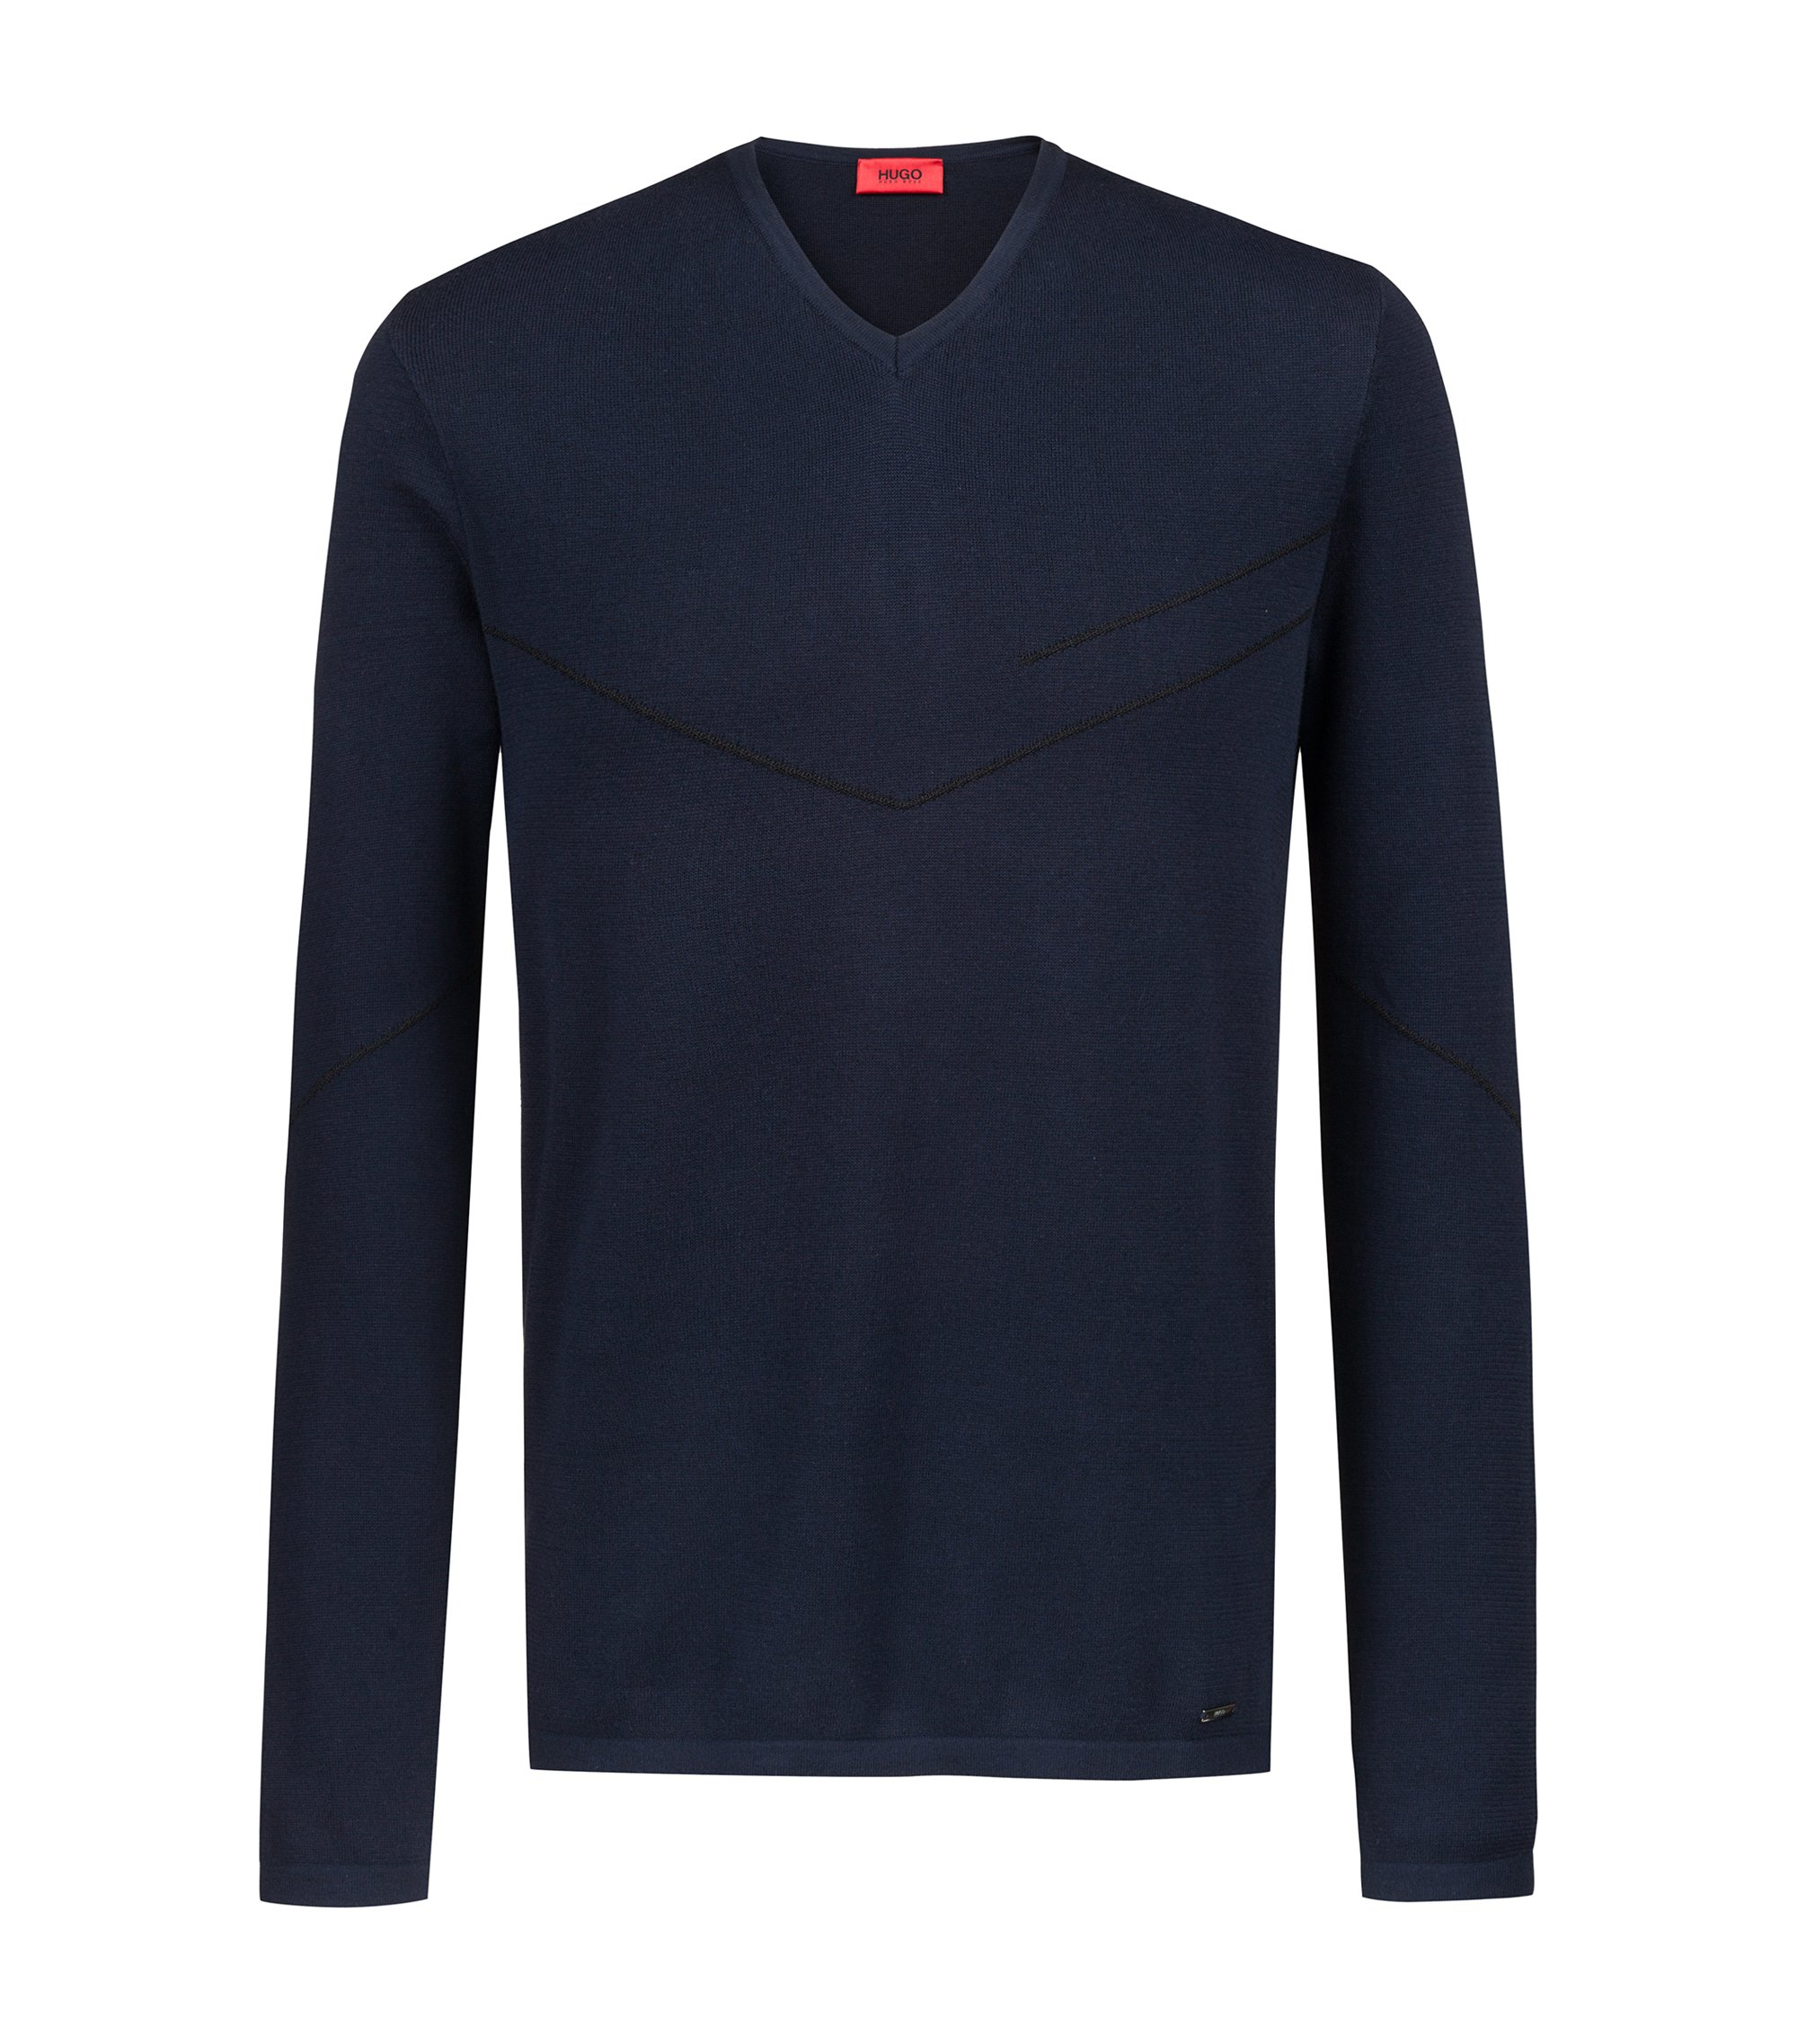 Pullover mit V-Ausschnitt und schimmernden Jacquard-Details aus der Bits&Bytes Capsule, Dunkelblau